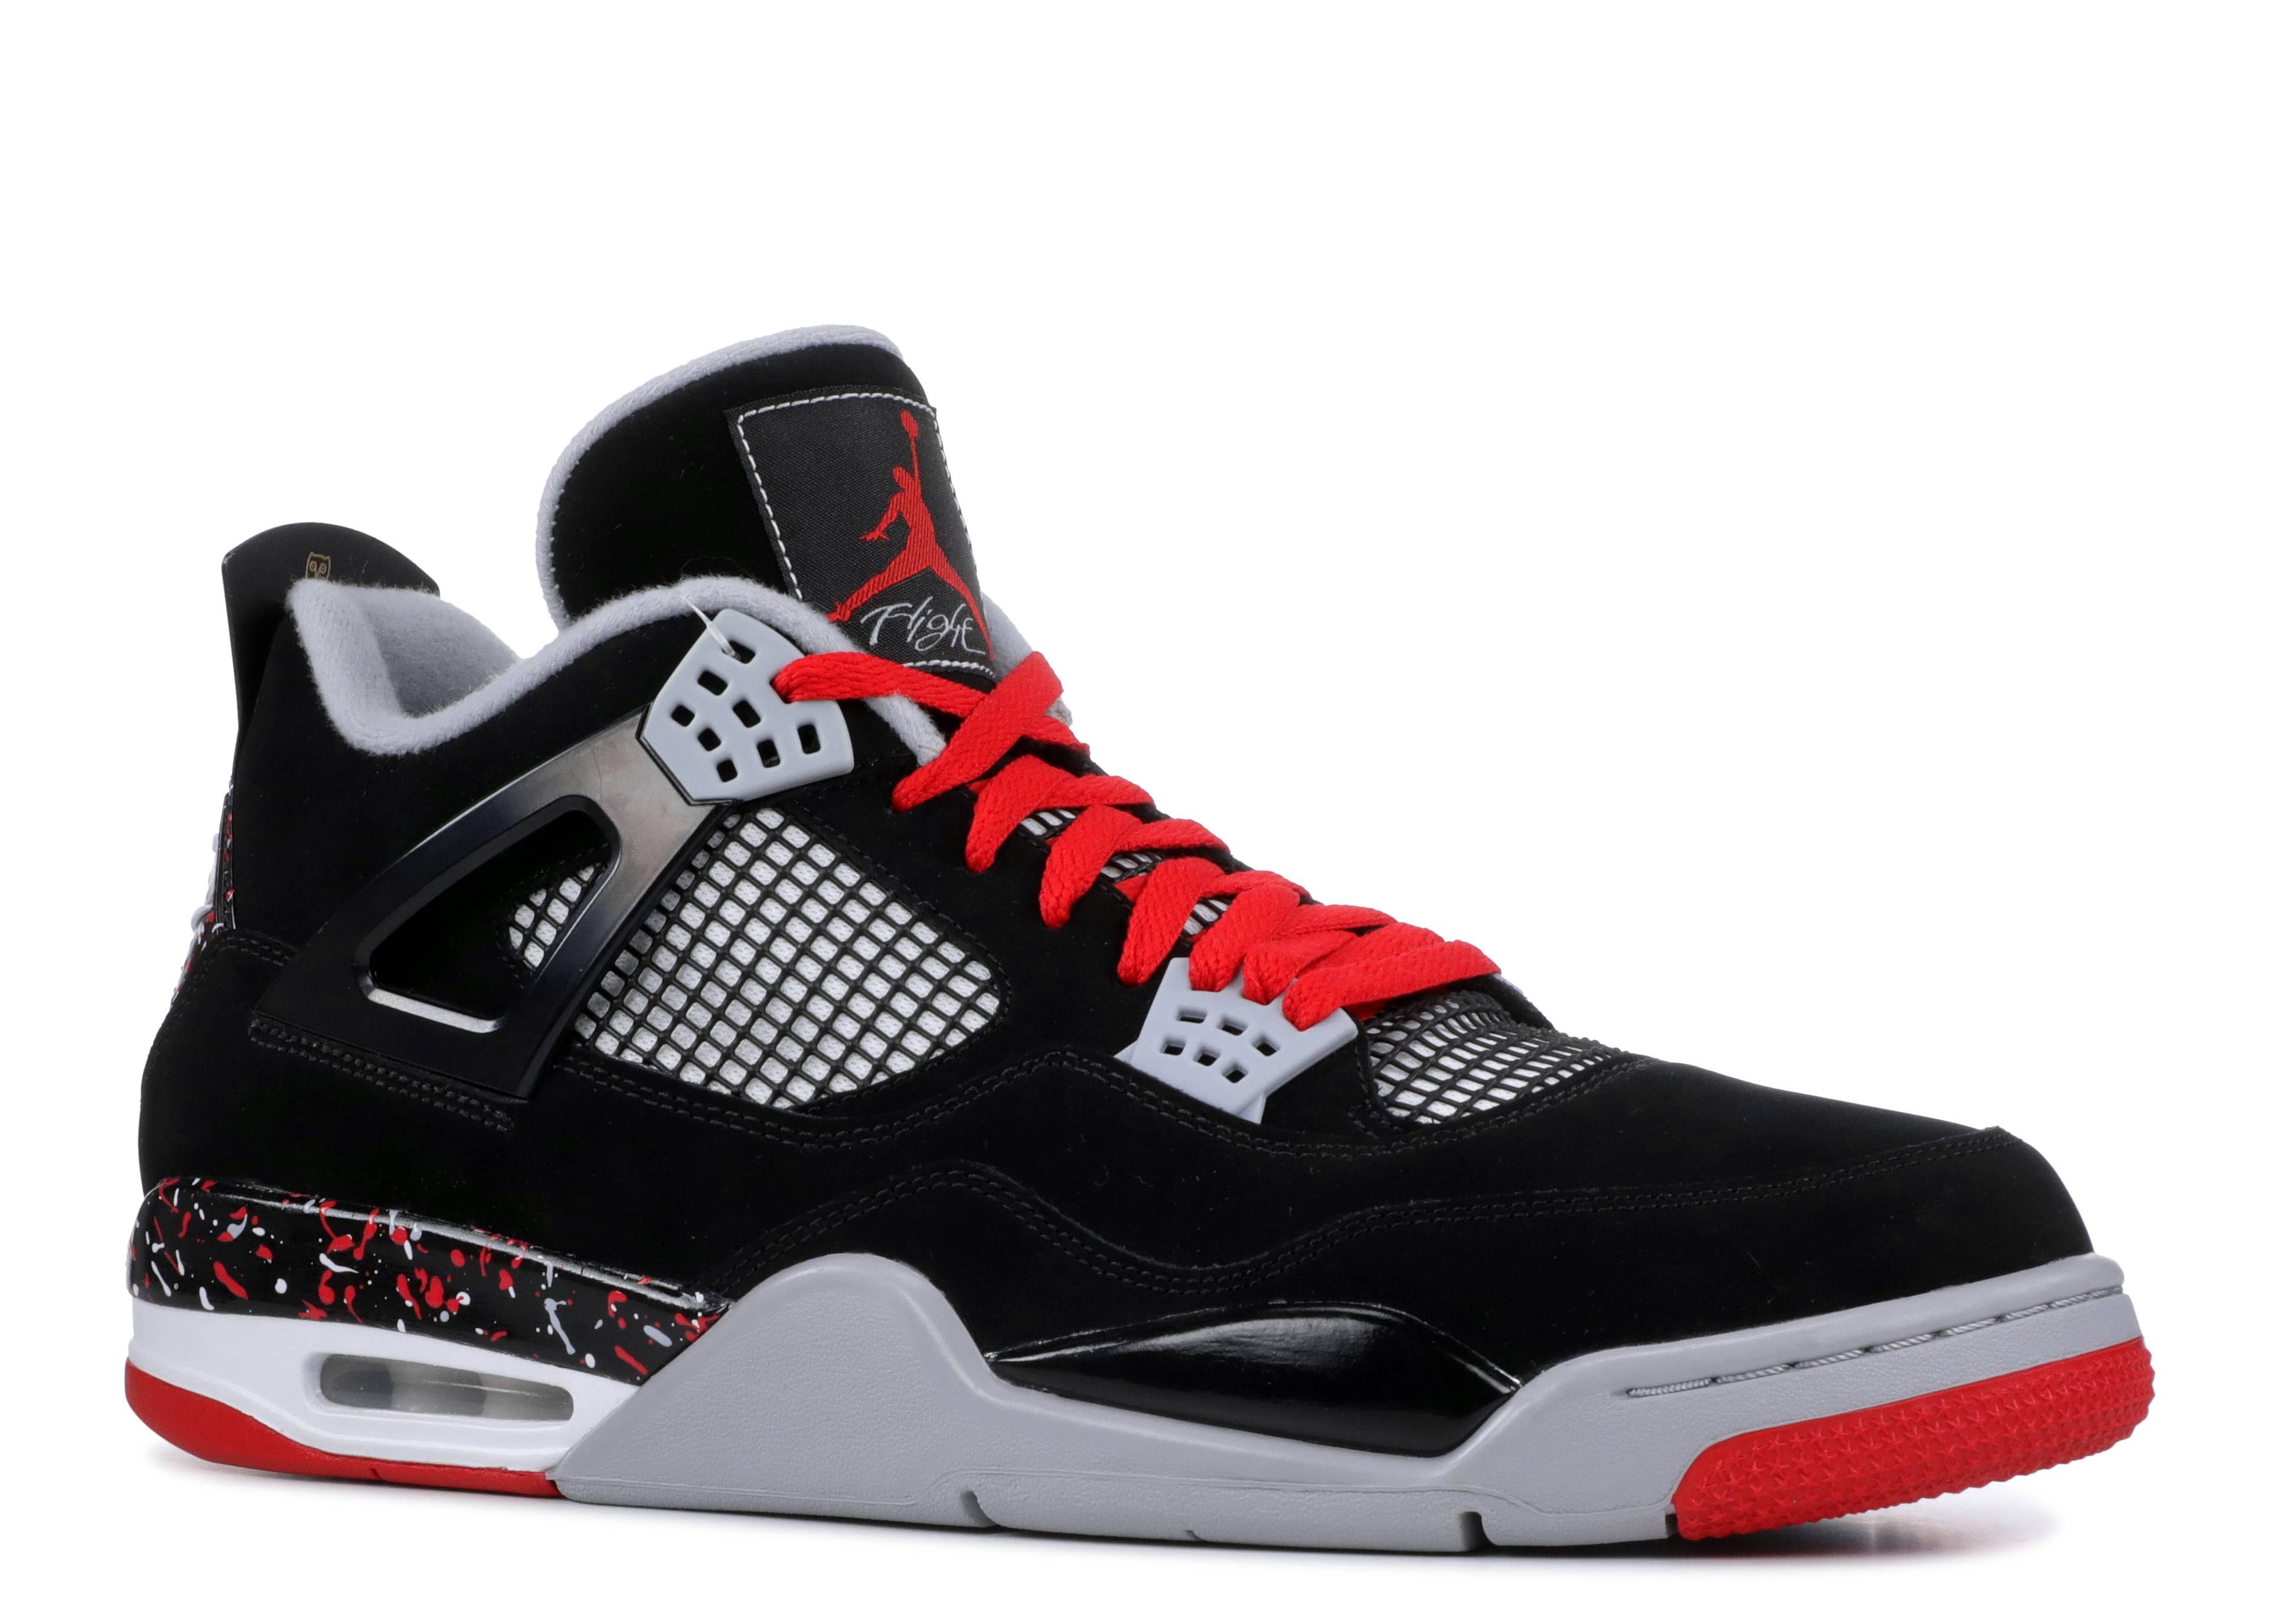 dacf83d238d2d0 Air Jordan 4 Retro